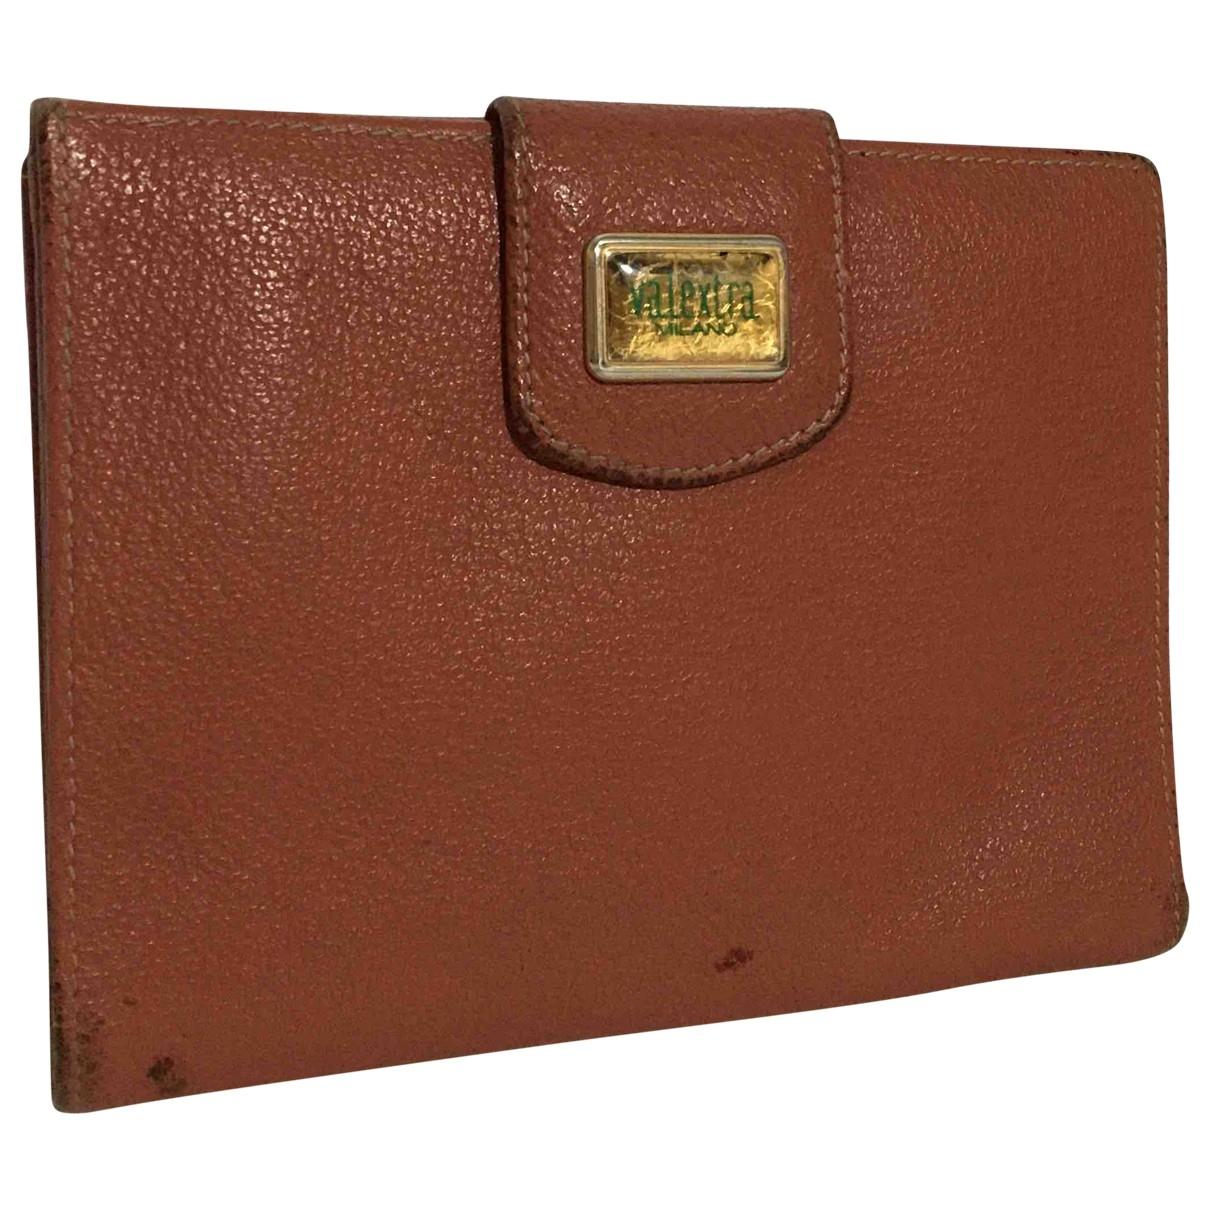 Valextra \N Portemonnaie in  Braun Leder